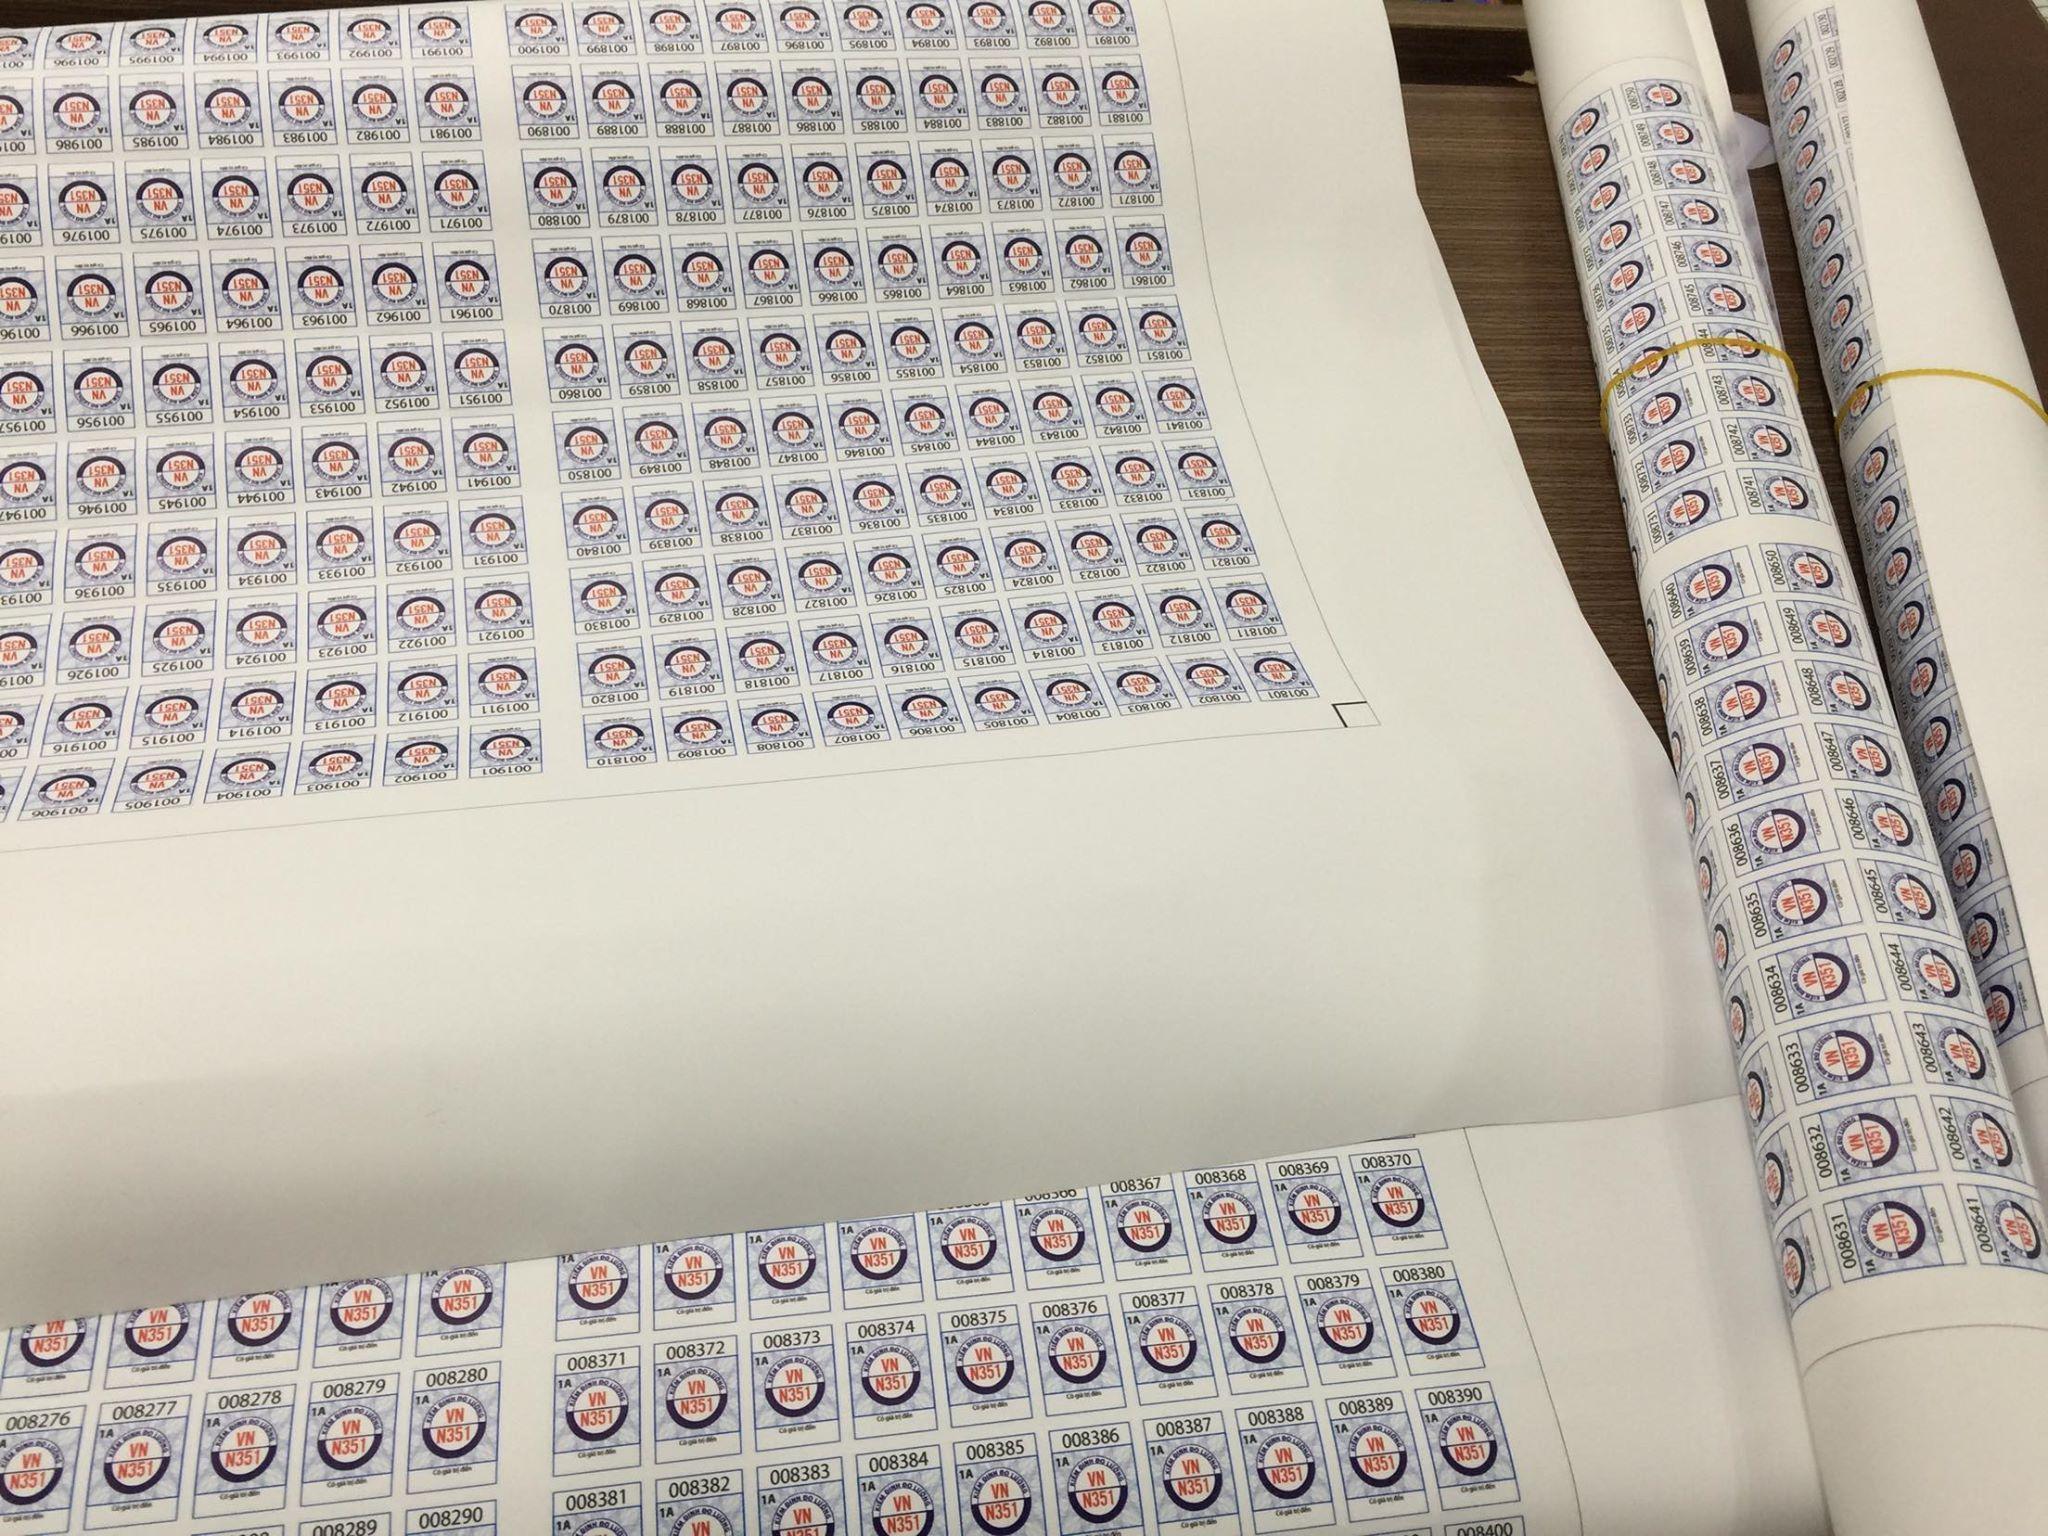 Decal thường được sử dụng làm cái sản phẩm tem dán trên chai, lọ, hộp.